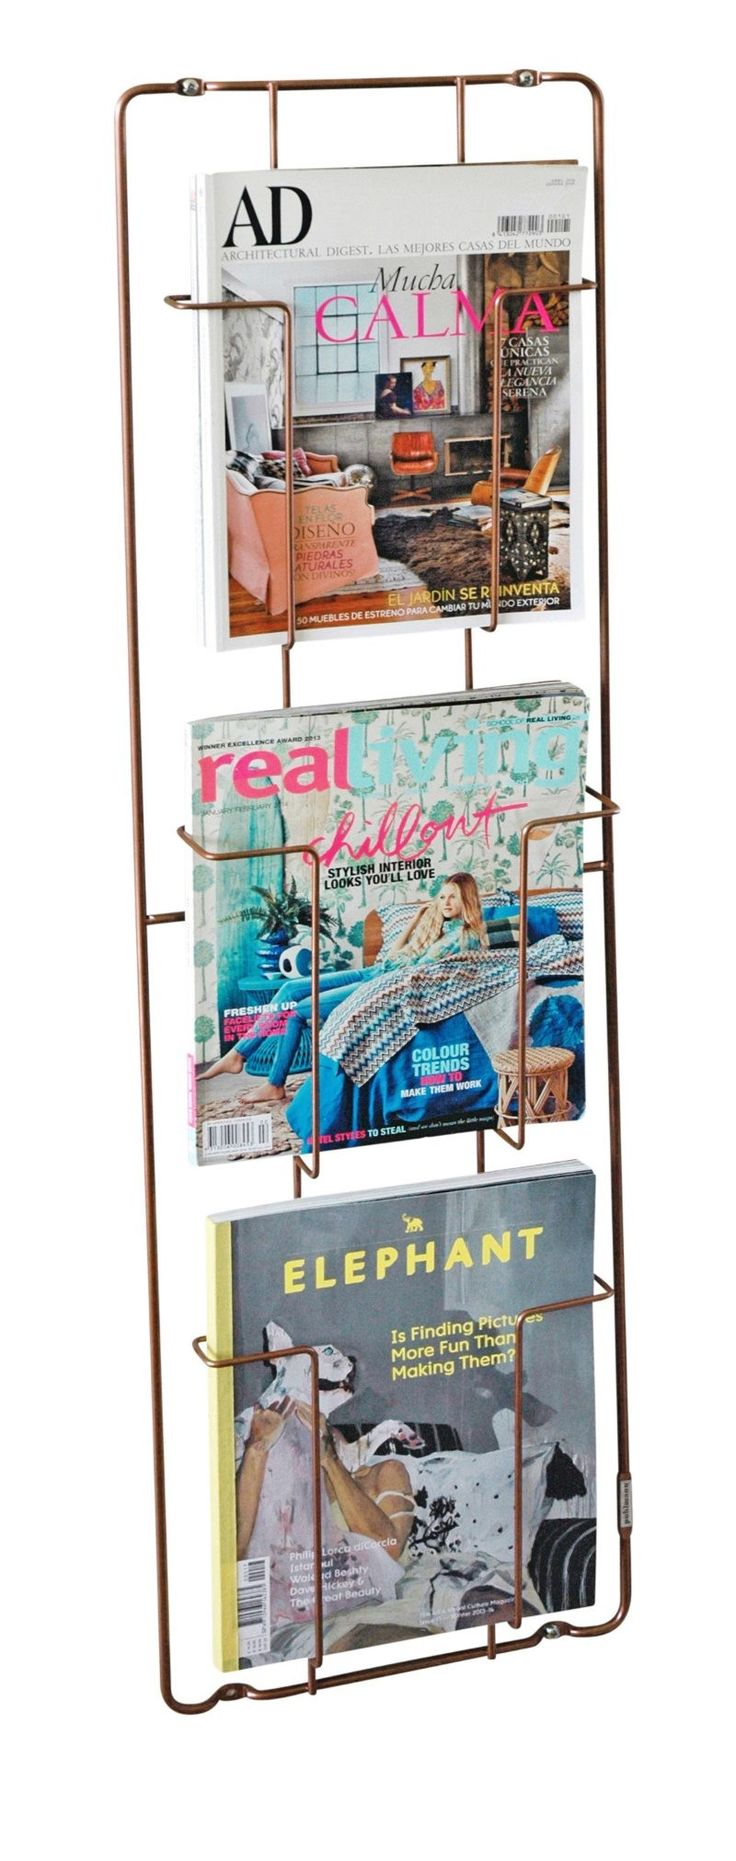 Jugendzimmer Für Jungs Bei Ikea ~ Frame 3 Zeitschriftenhalter Capventure designed by Remco van der Leij